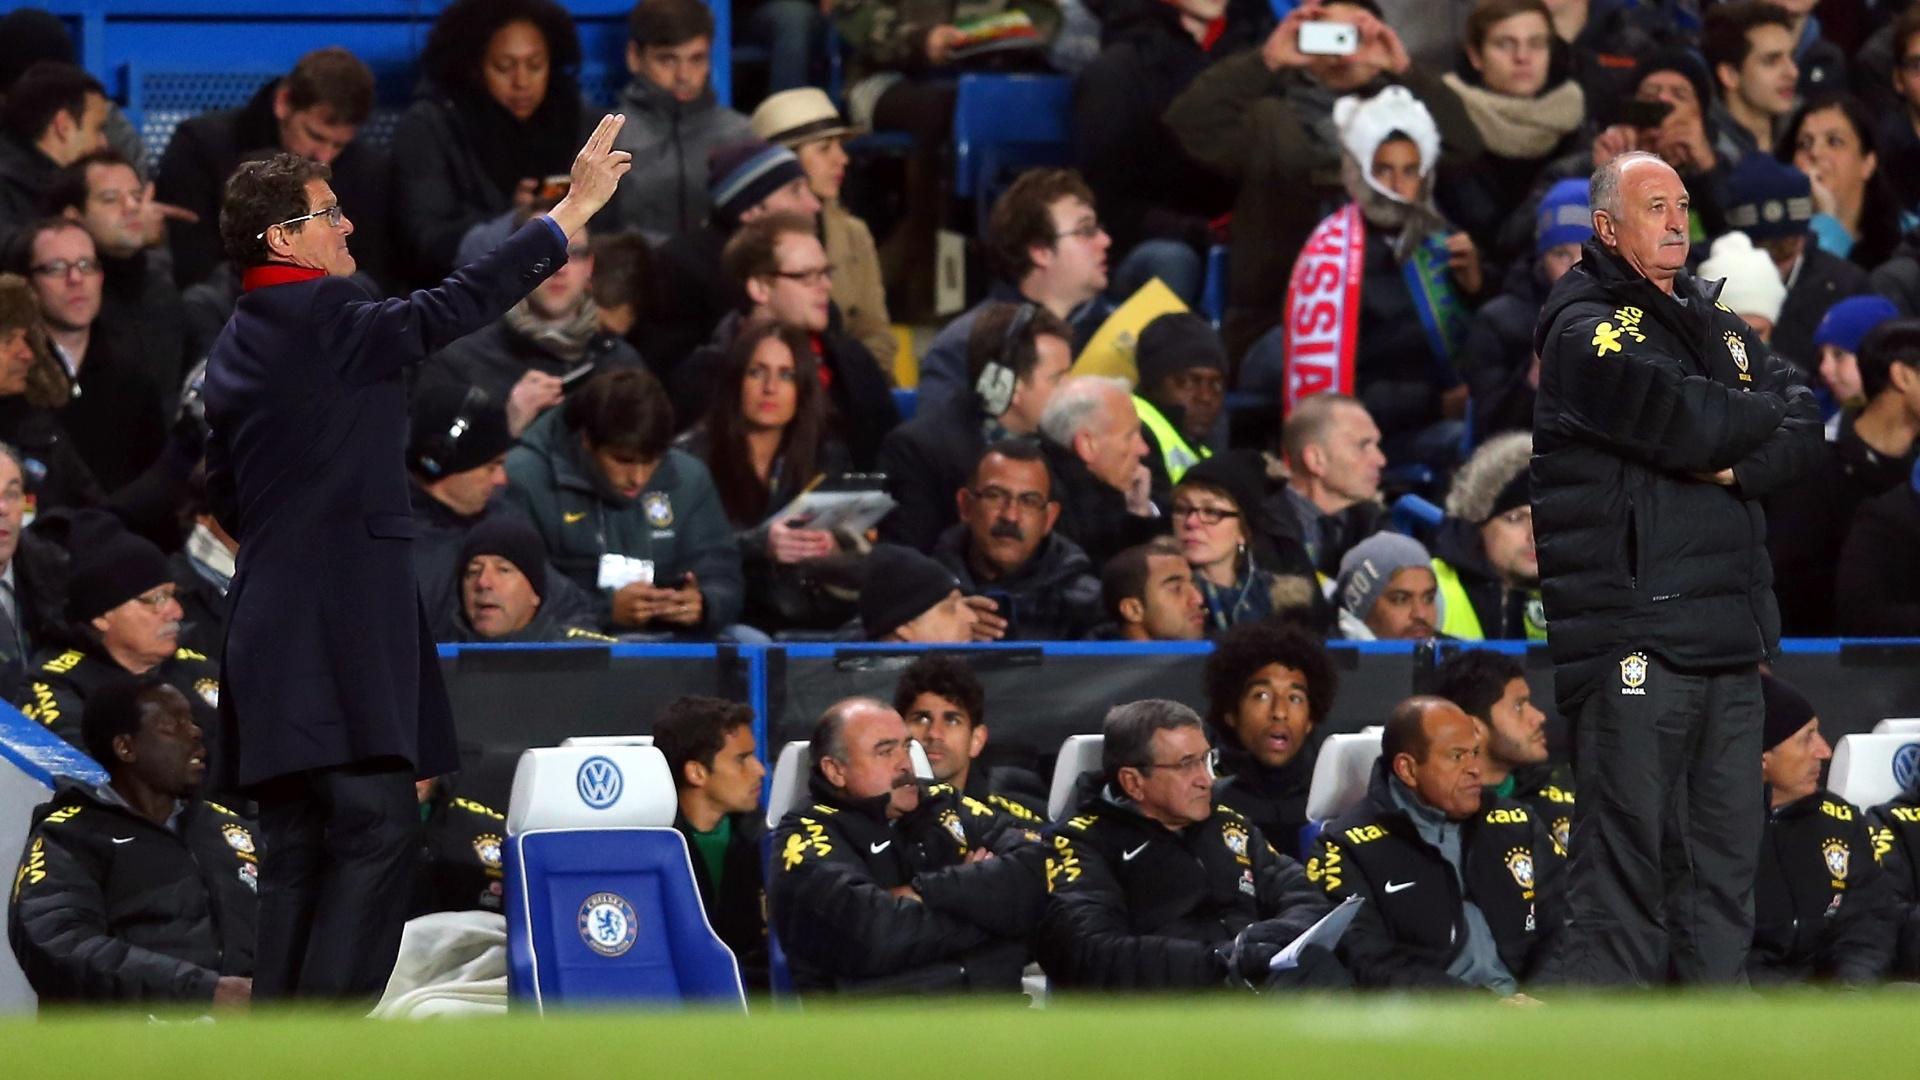 25.mar.2013- Técnico da Rússia, Fabio Capello (e.) orienta seus comandados enquanto Felipão observa partida de braços cruzados em Stamford Bridge